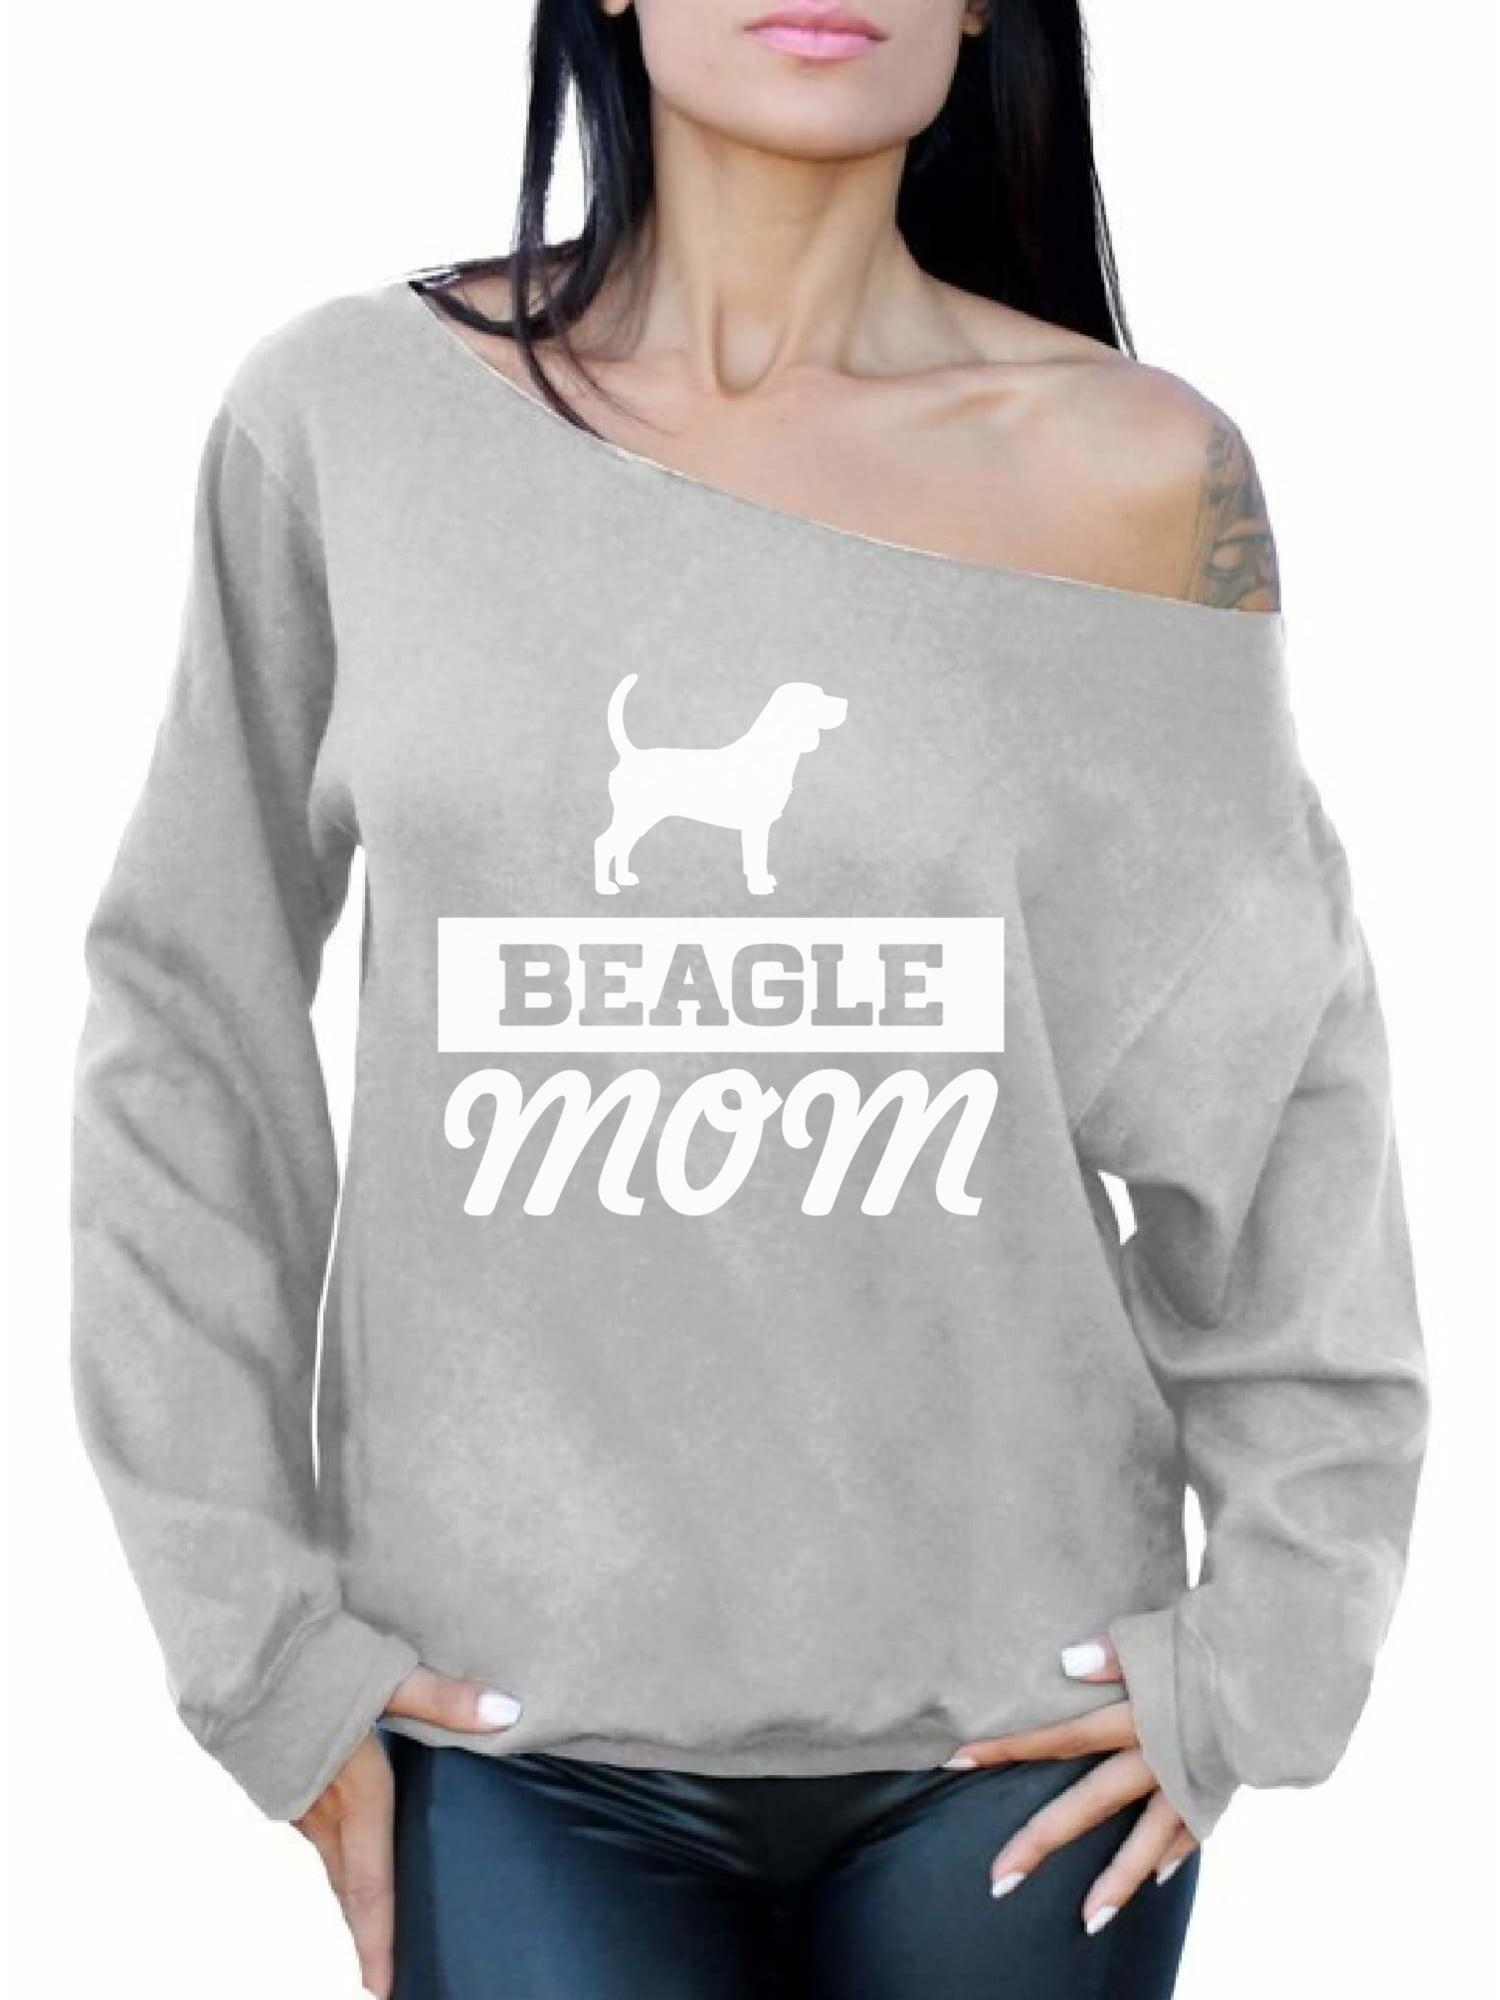 Beagle Mom Dog Lover Off Shoulder Oversized Sweatshirt Gift for Mom